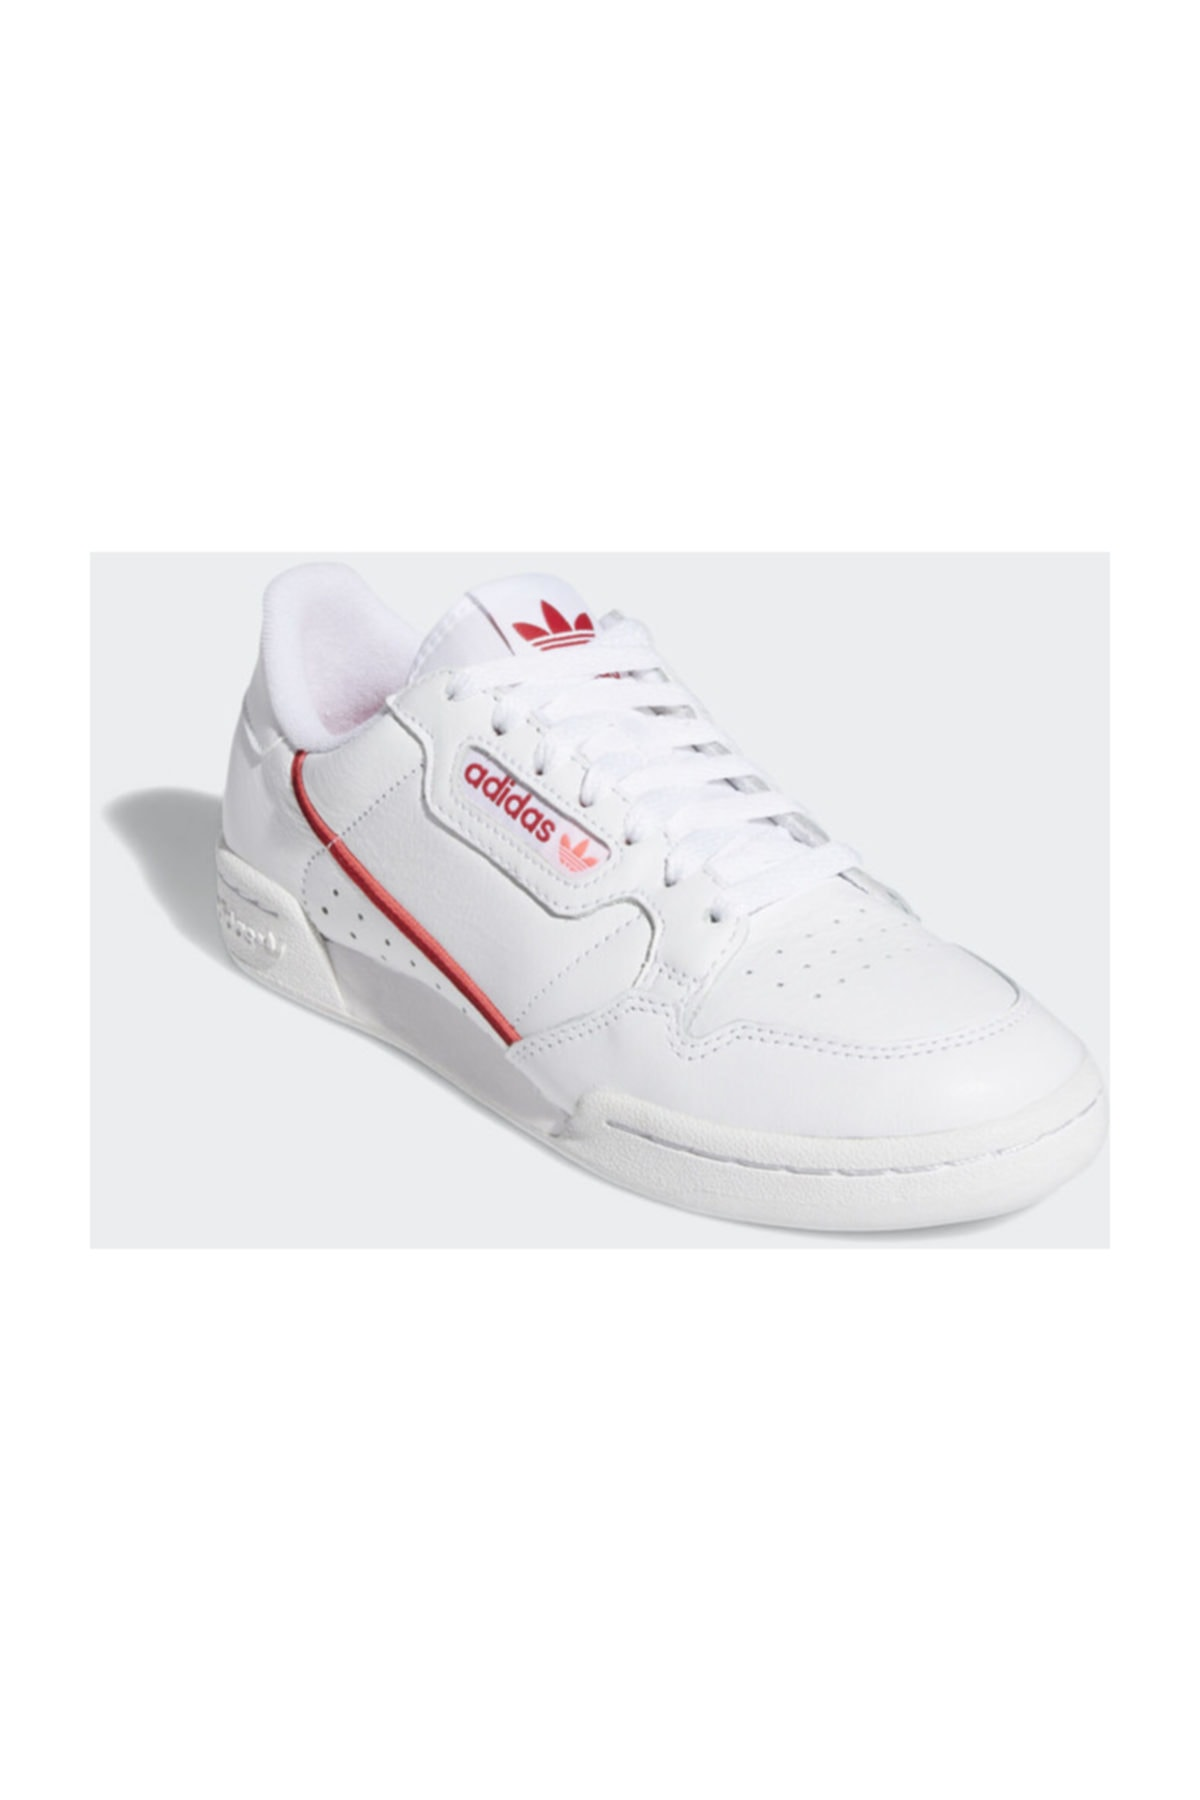 adidas Ee5562 Contınental 80 W Beyaz Bayan Günlük Spor Ayakkabısı 1